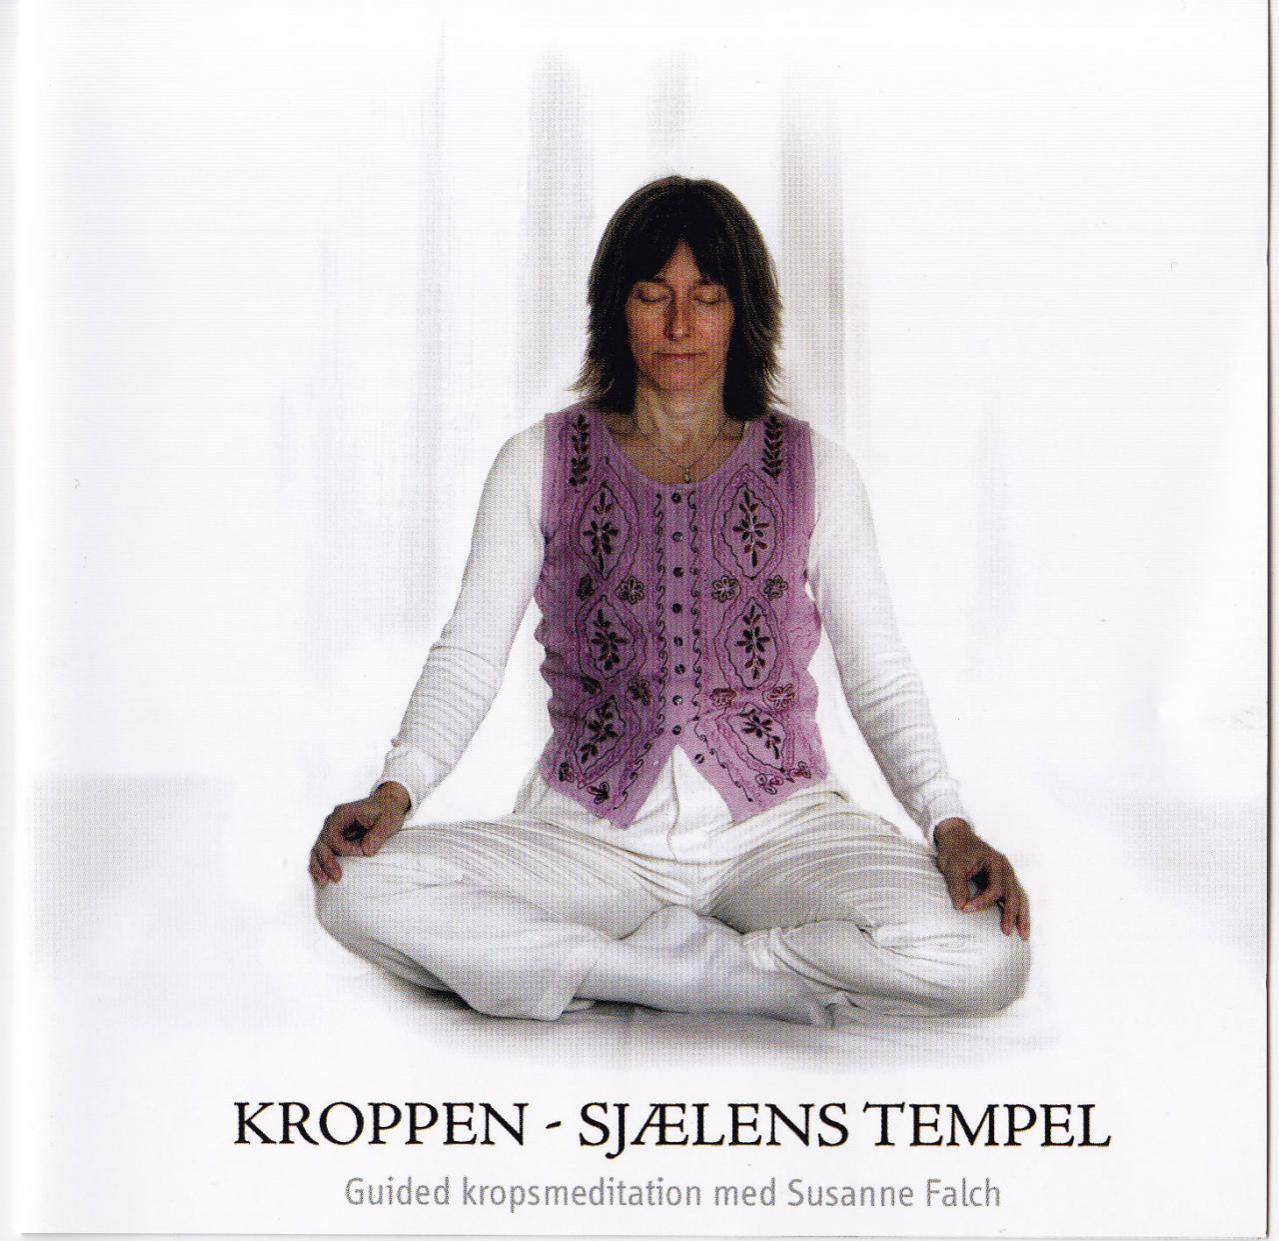 N/A Kroppen - sjælens tempel på mindly.dk